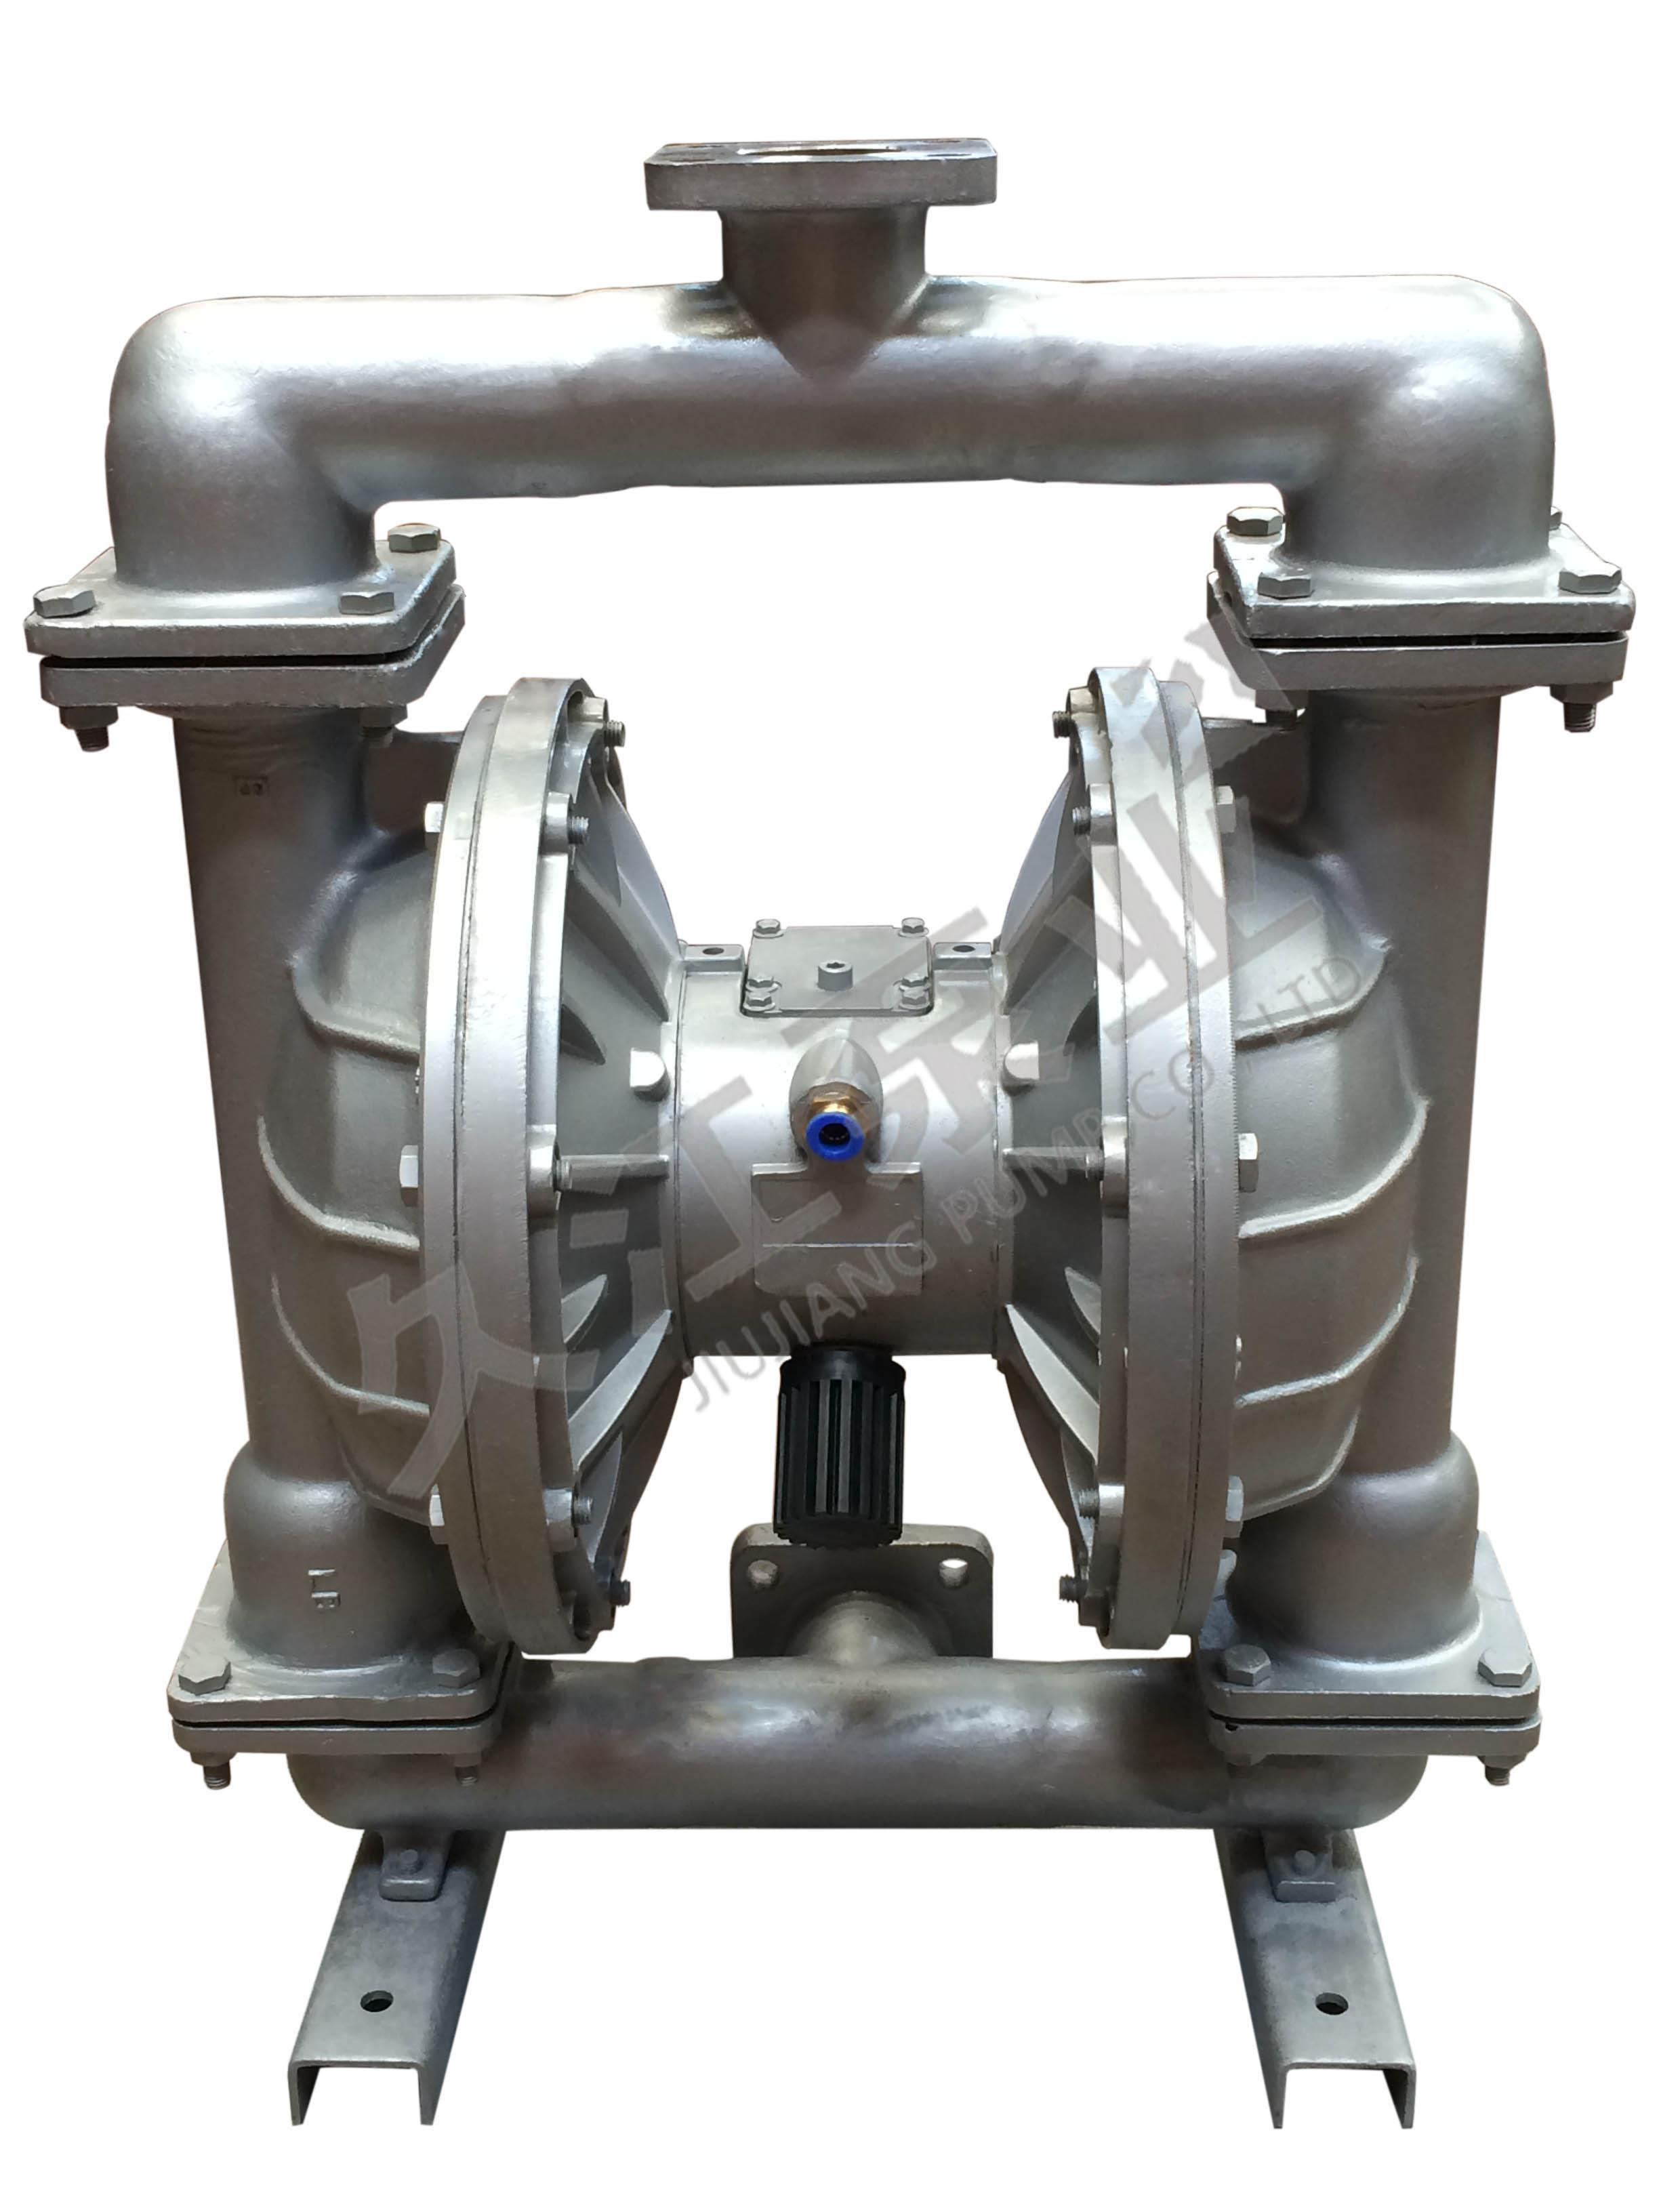 qby3/qbk不锈钢气动隔膜泵(法兰)图片